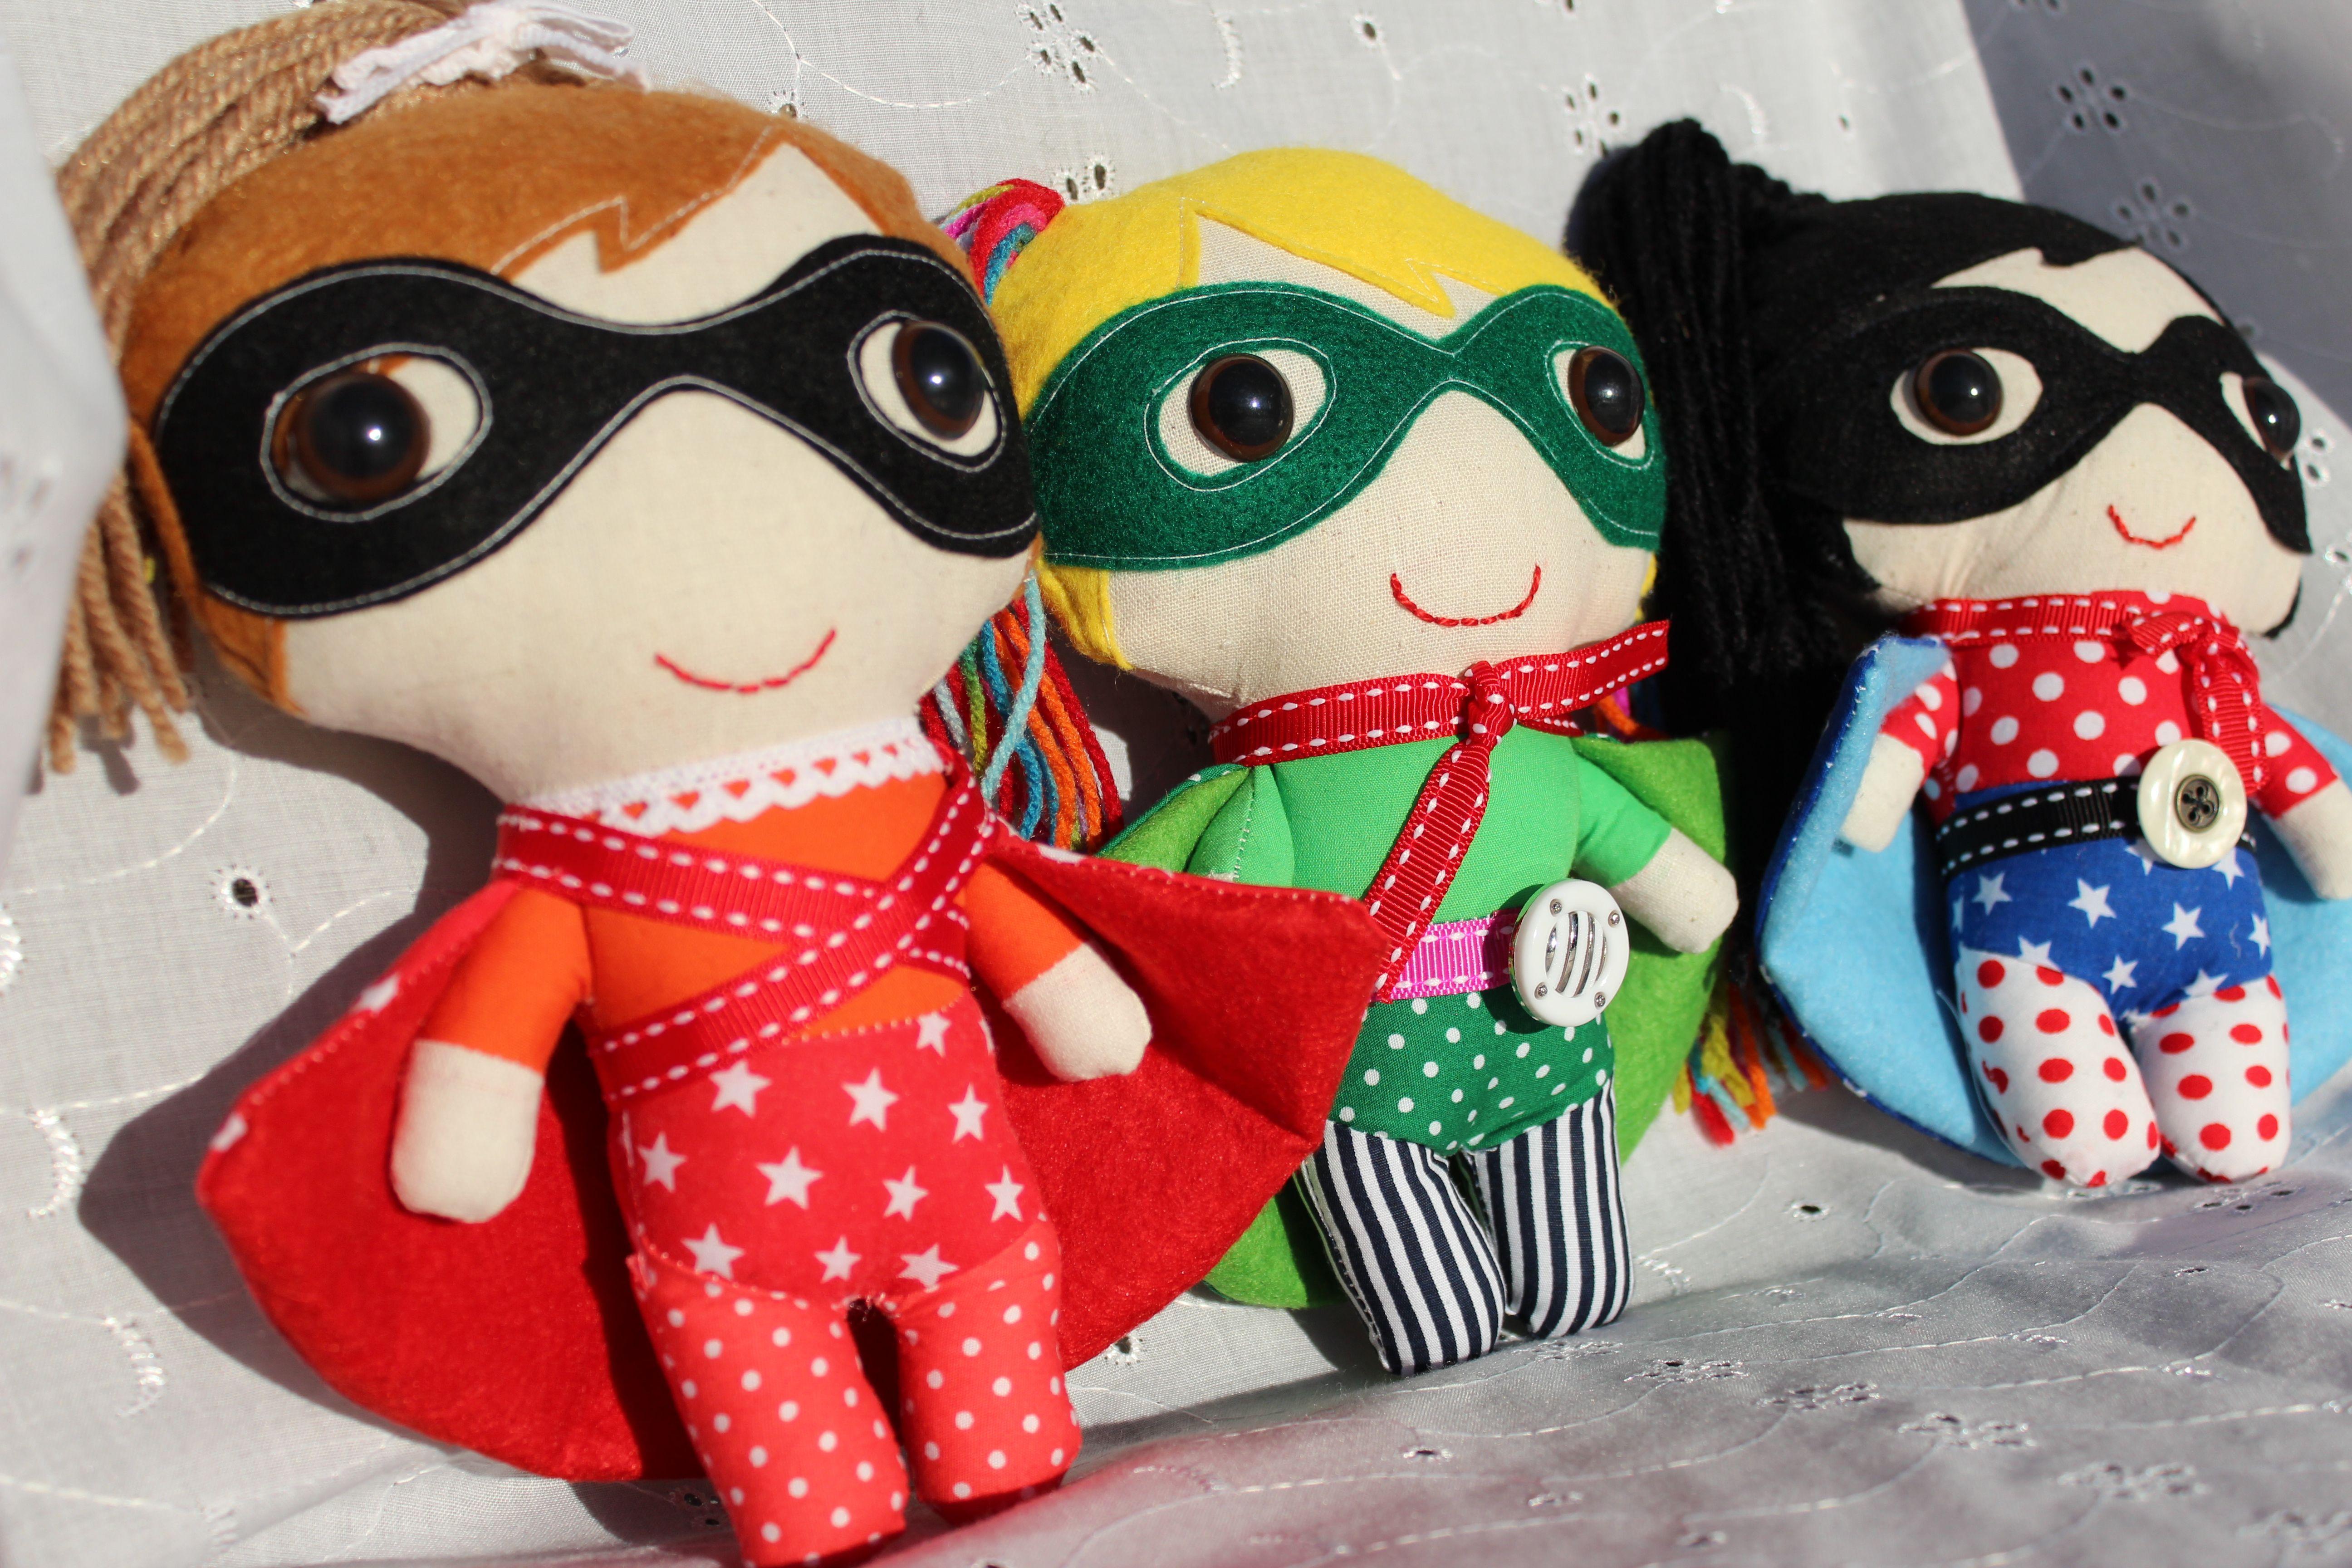 Hand made Superhero toys